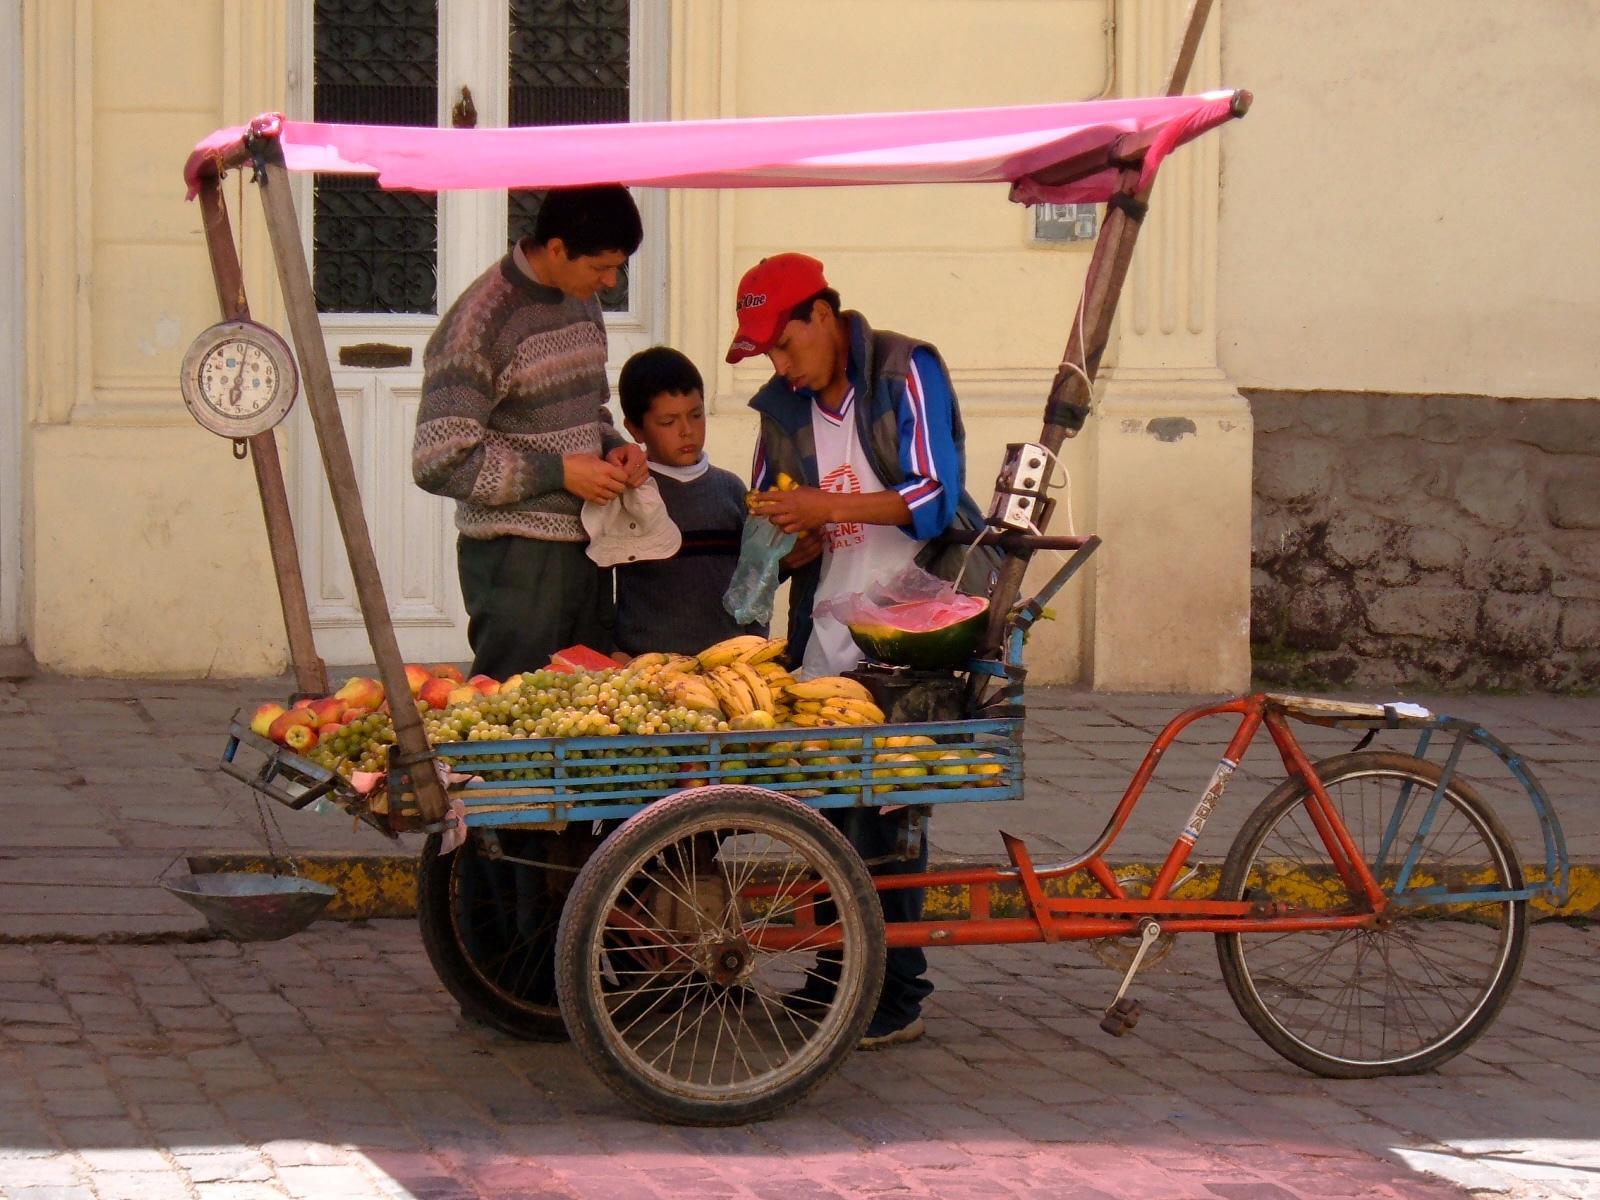 wp-content/uploads/itineraries/Peru/peru-people.jpg